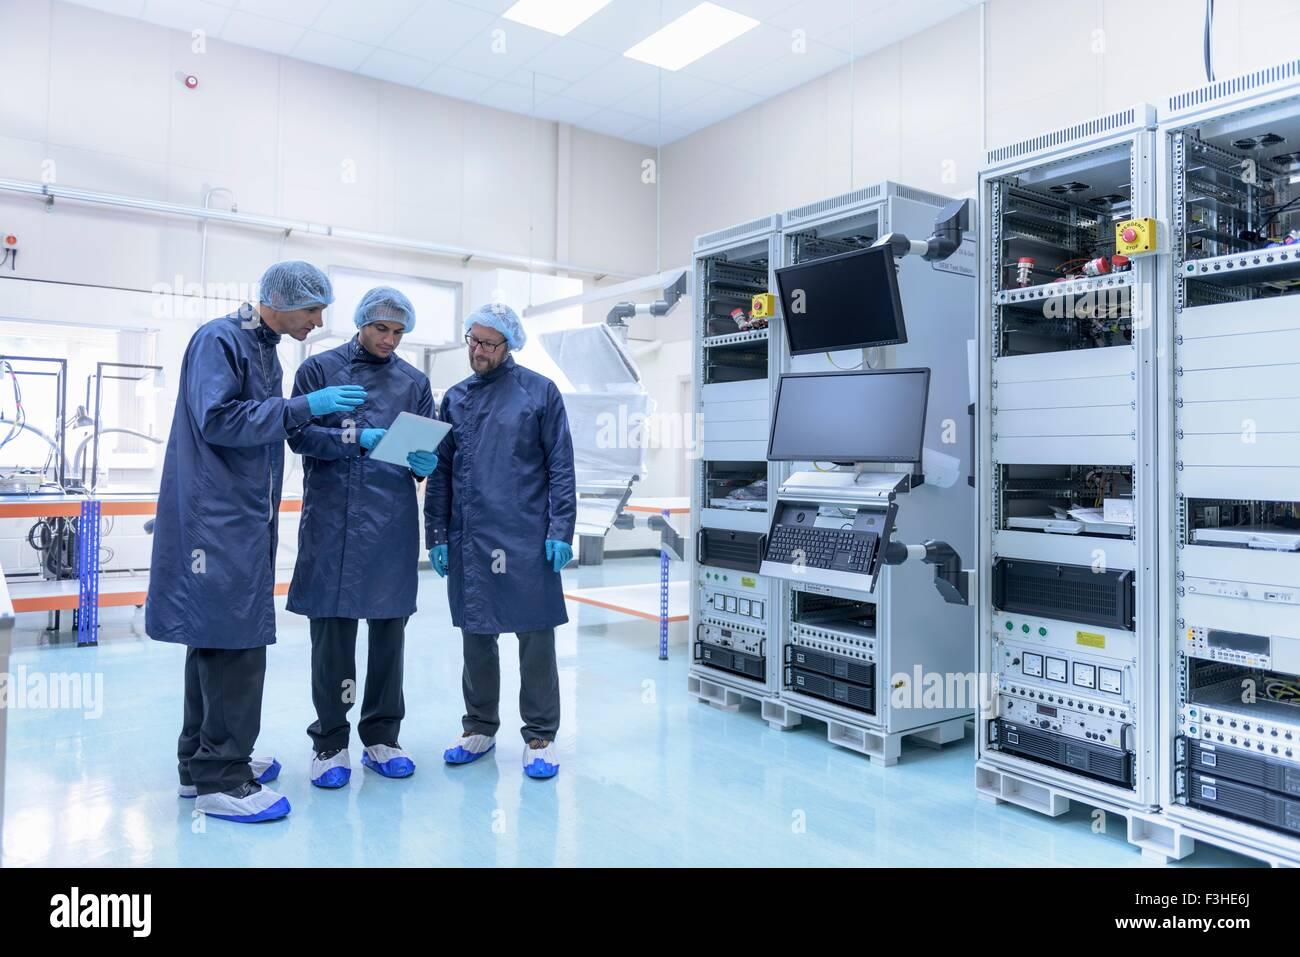 Les travailleurs de l'usine d'électronique en salle blanche Photo Stock